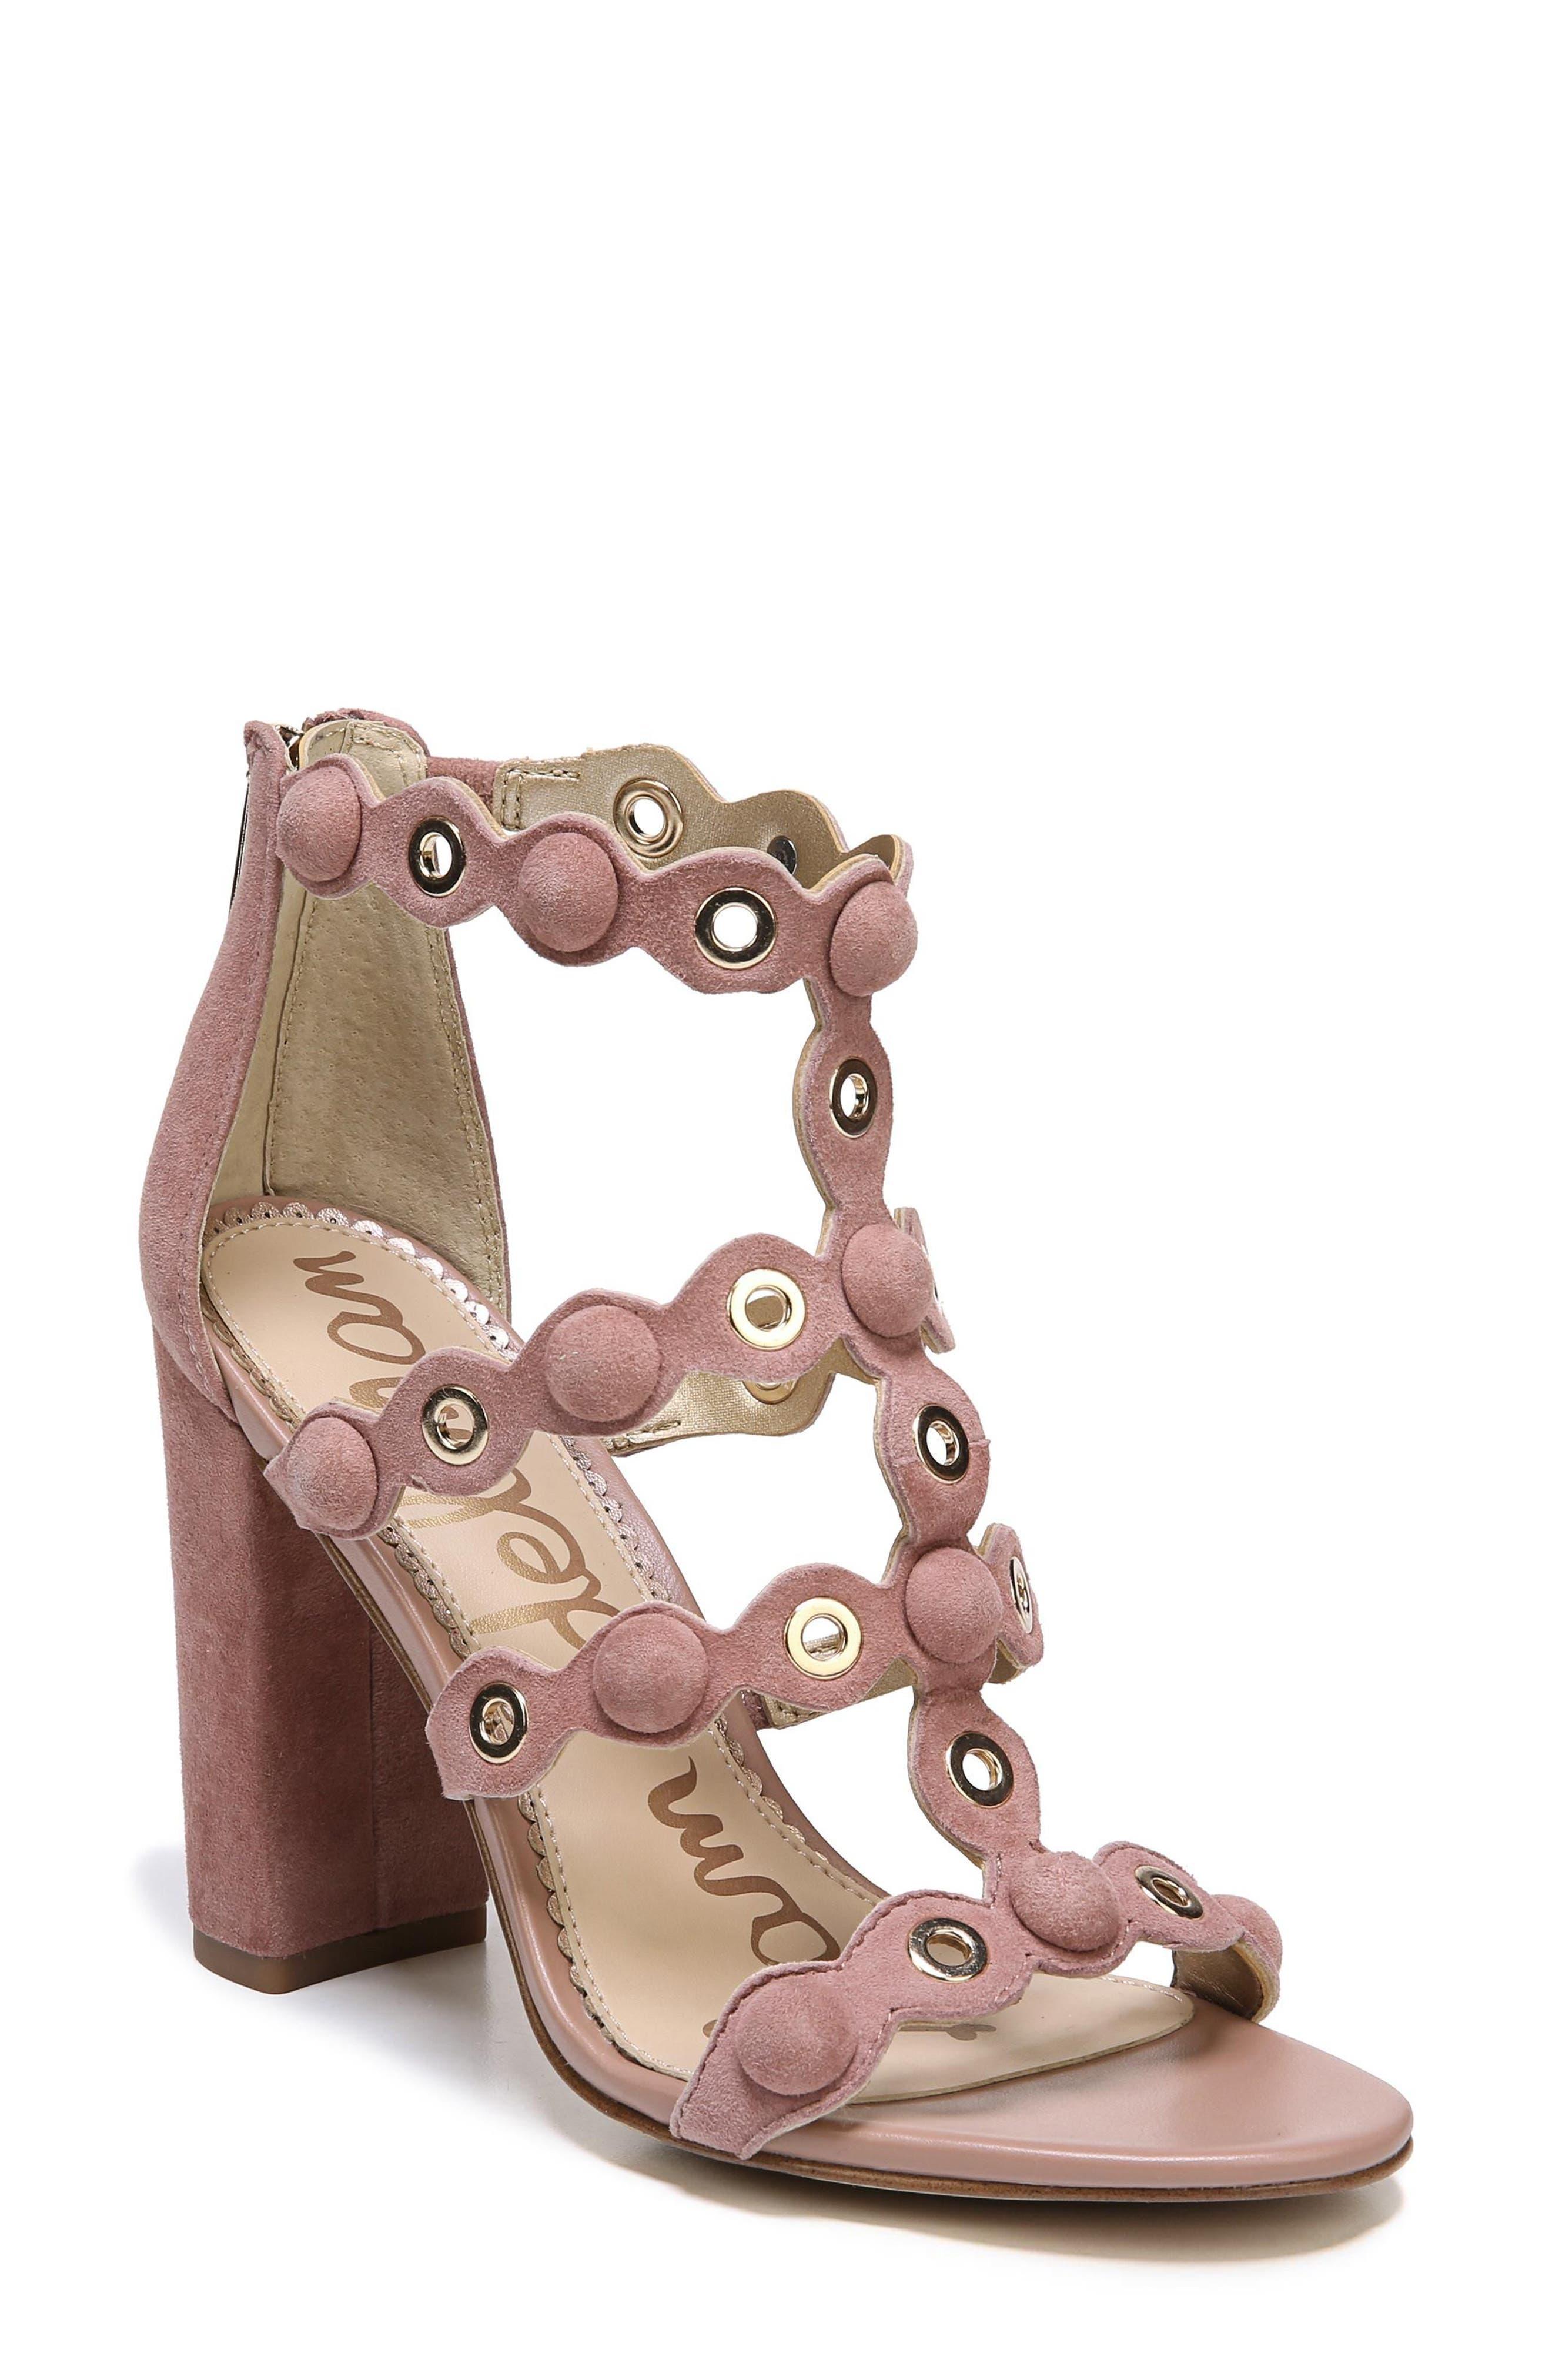 Main Image - Sam Edelman Yuli Grommet Sandal (Women)